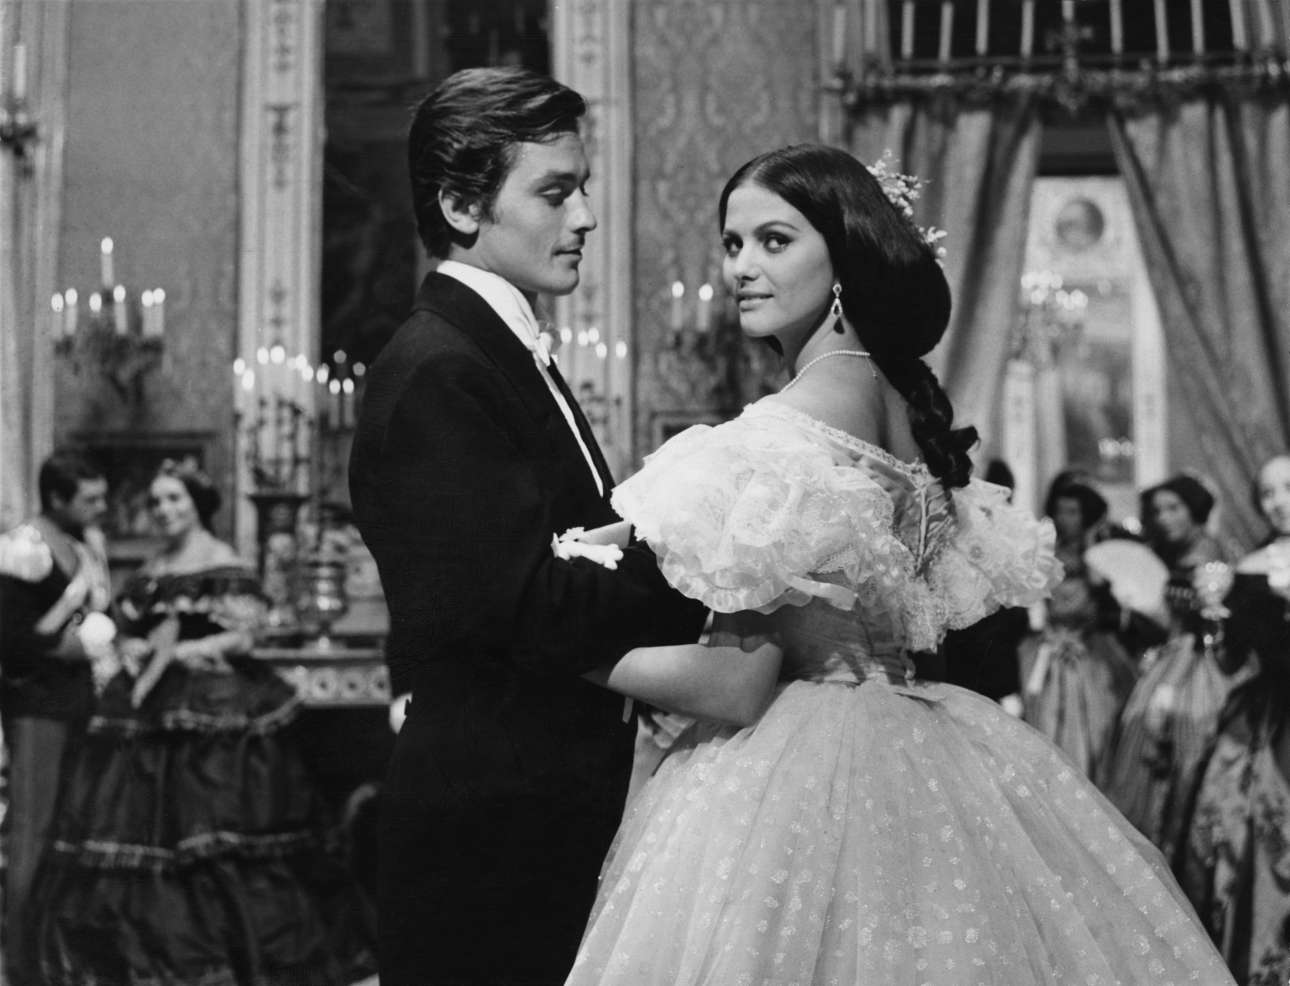 Ασπρόμαυρο καρέ από τον «Γατόπαρδο» του Βισκόντι. Τα γυρίσματα στην Τσινετσιτά κράτησαν πέντε ολόκληρους μήνες. Δεν ήταν δύσκολα για τον Ντελόν. Αγαπημένος του Βισκόντι ήταν ο μόνος που είχε δικό του καμαρίνι!